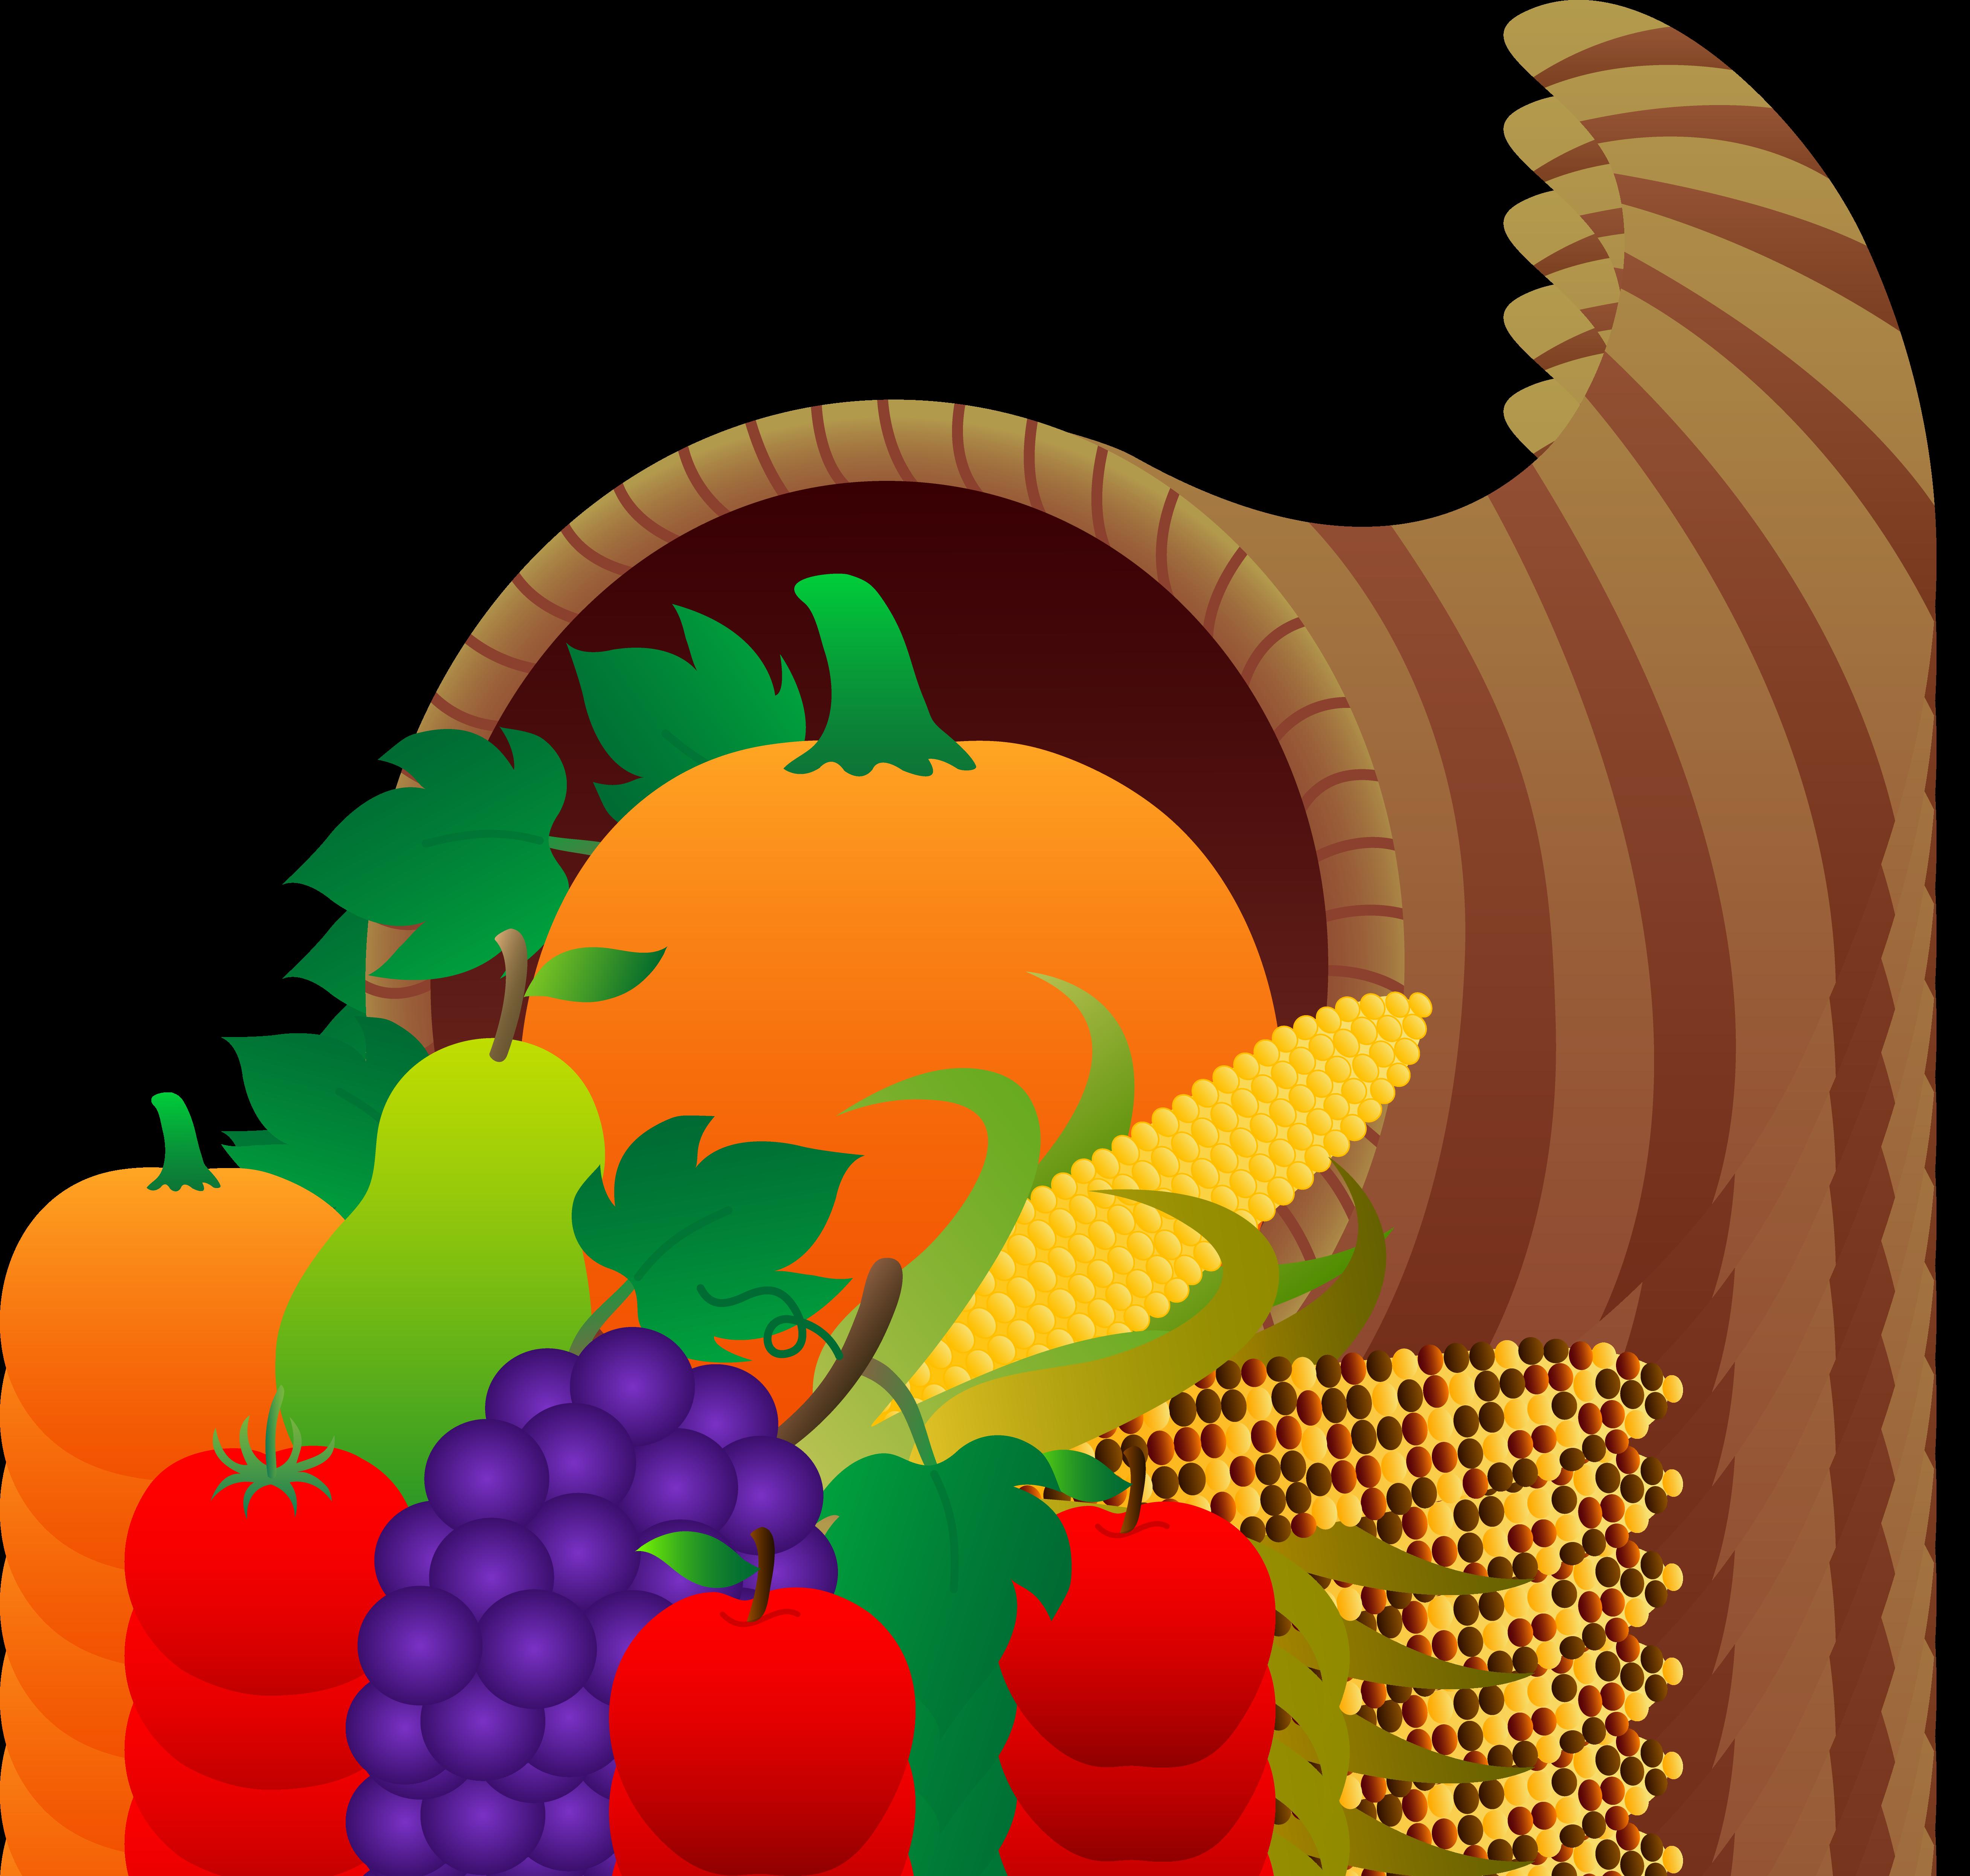 Fruit Basket Art Ideas : Fruit basket clip art cliparts